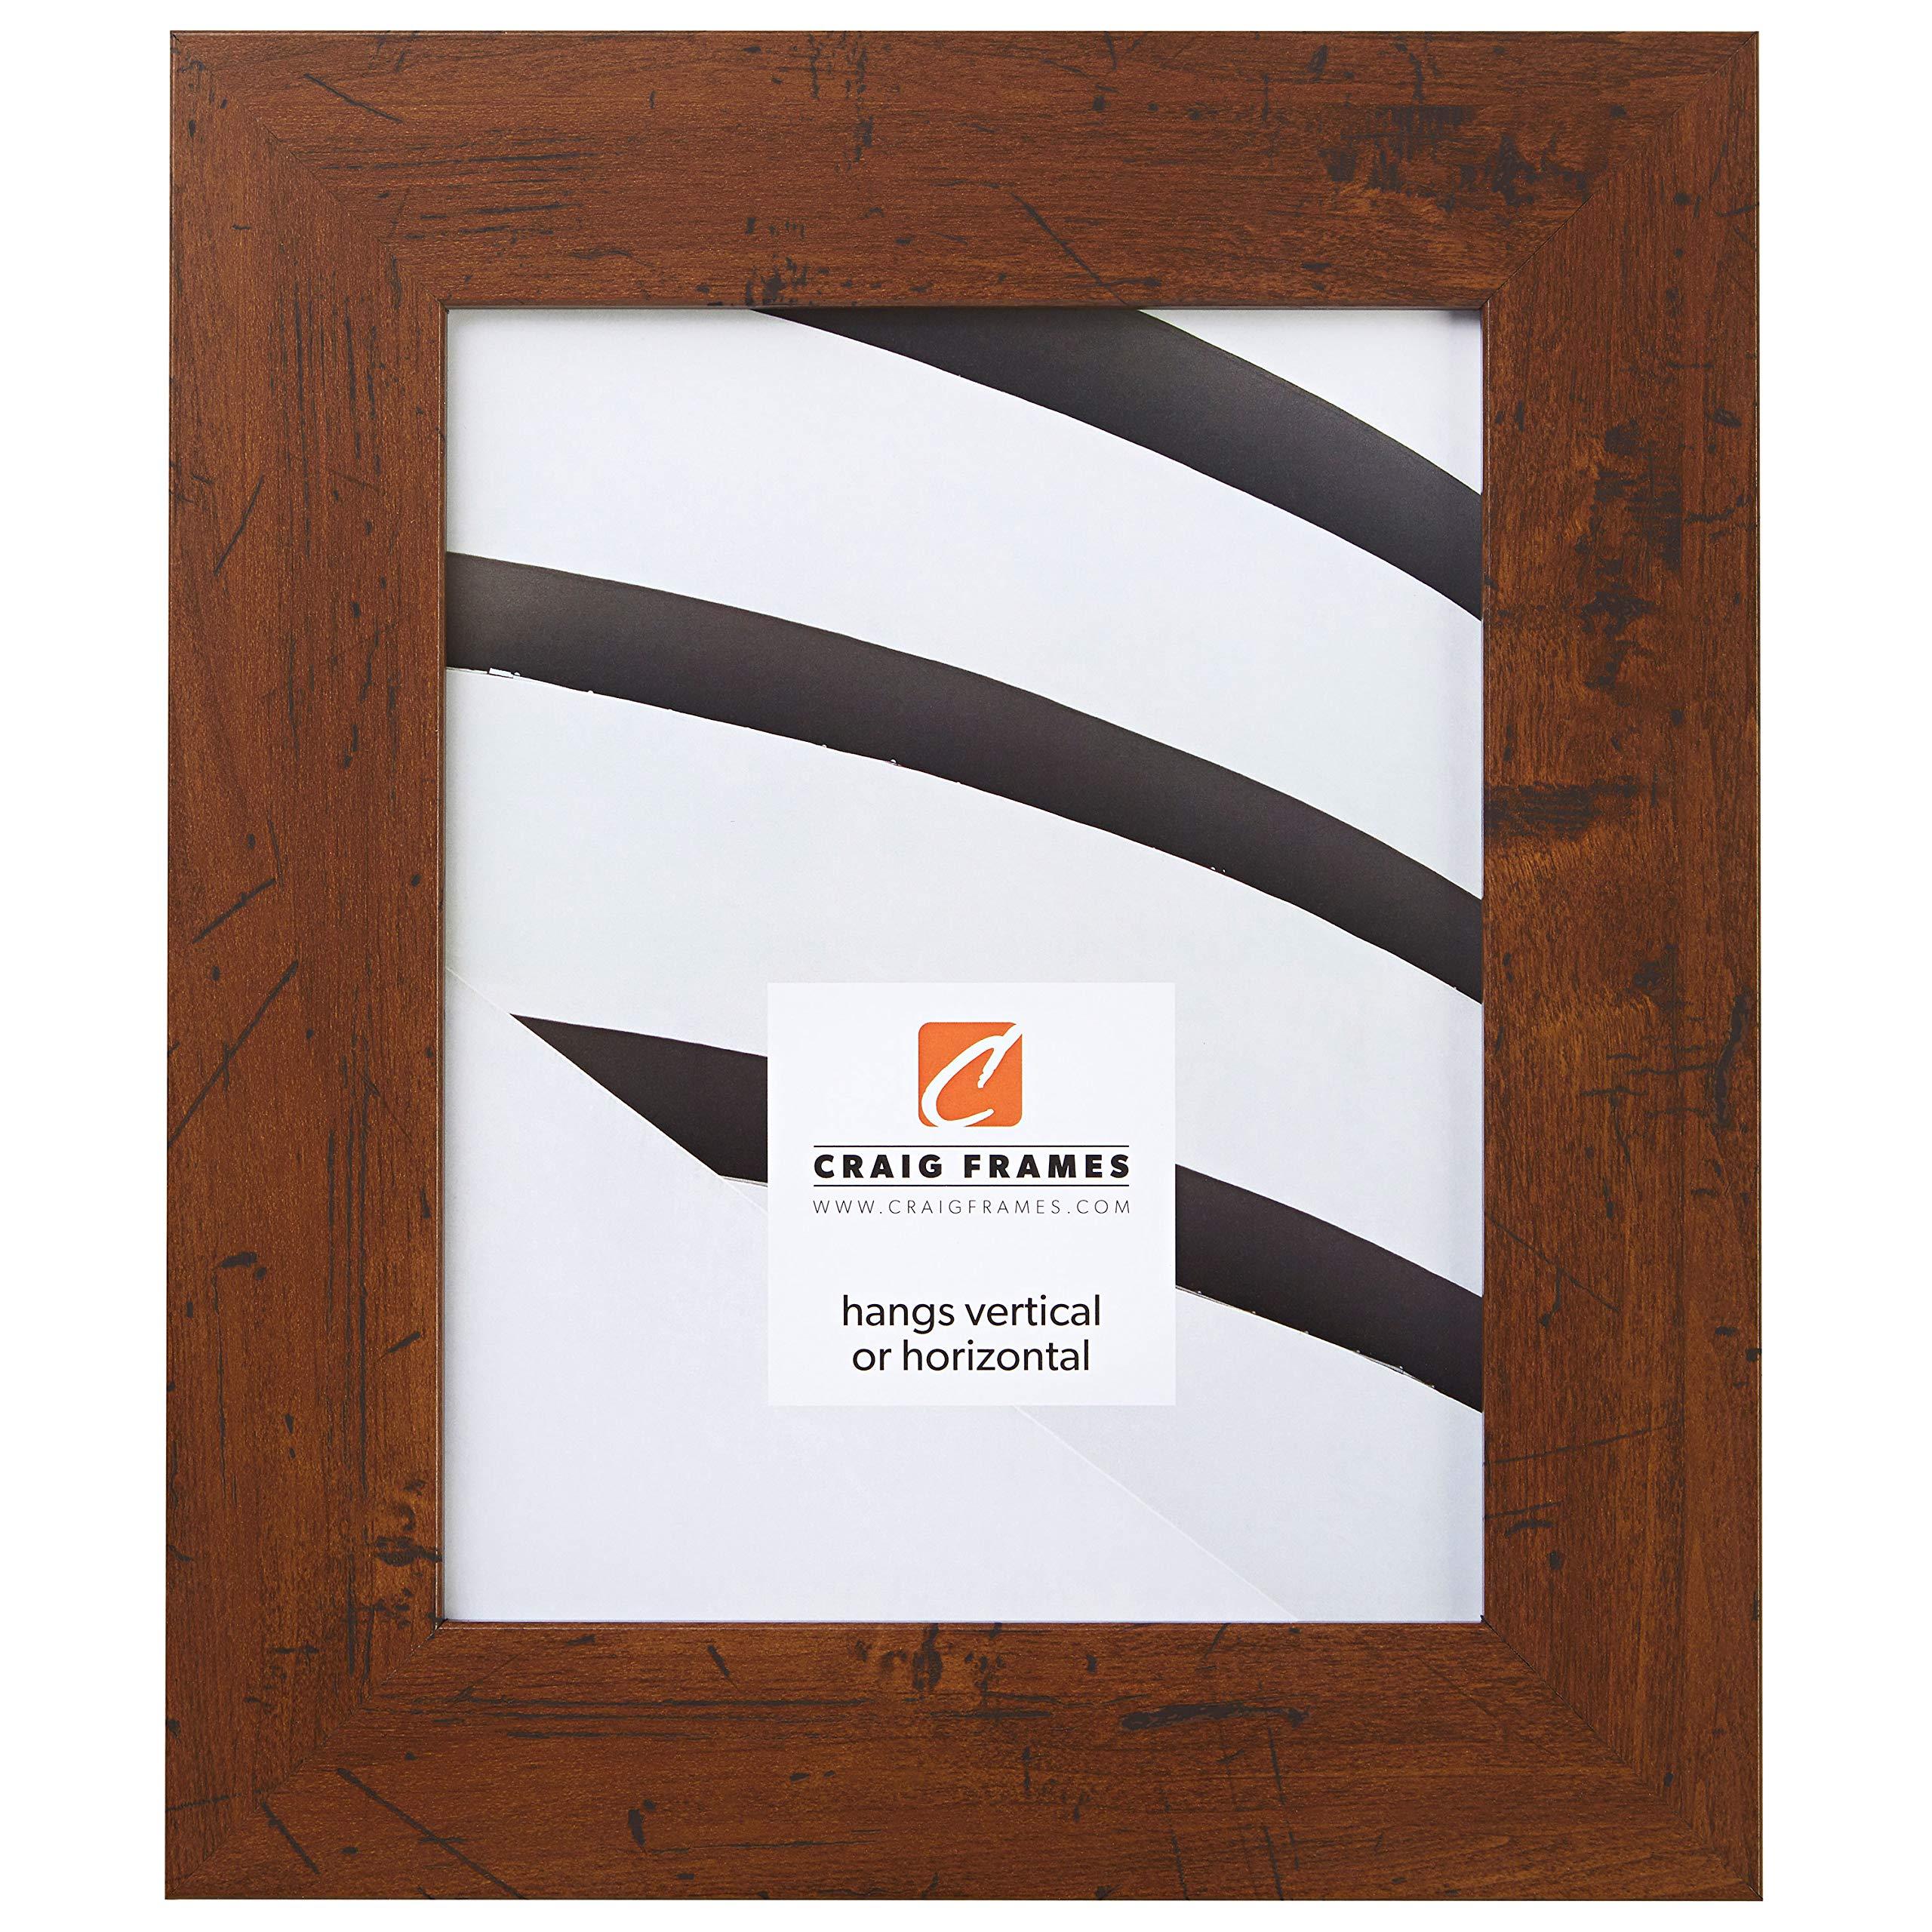 Craig Frames FM74DKW 11 by 14-Inch Rustic Photo Frame, Smooth Grain Finish, 2-Inch Wide, Dark Brown by Craig Frames